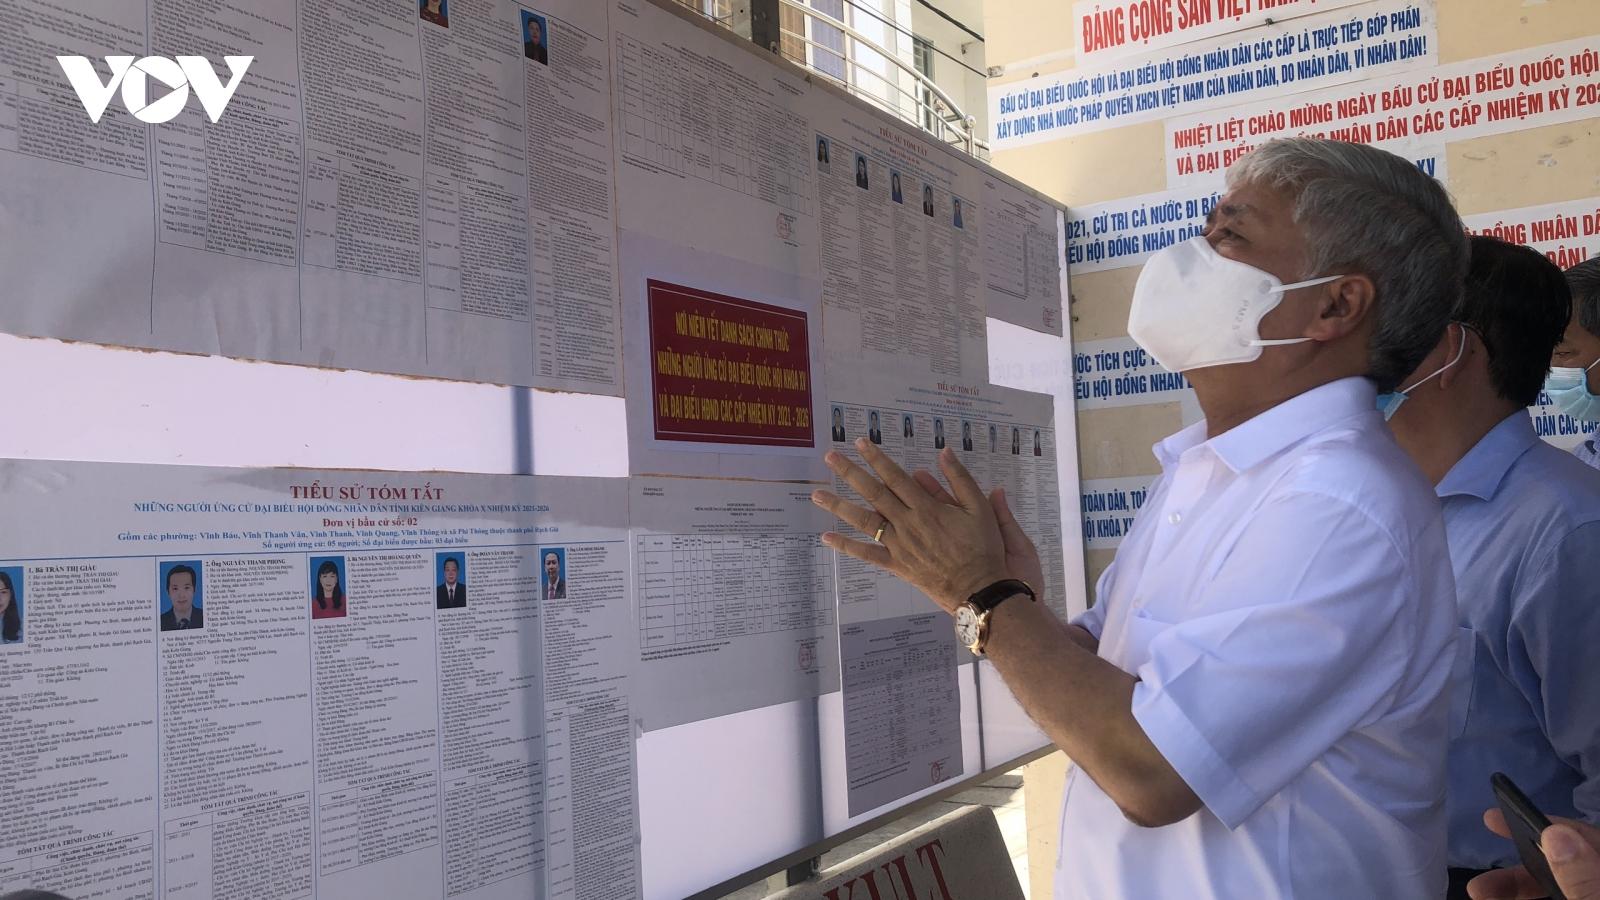 Phó Chủ tịch Hội đồng Bầu cử Quốc gia làm việc với Ủy ban Bầu cử tỉnh Kiên Giang